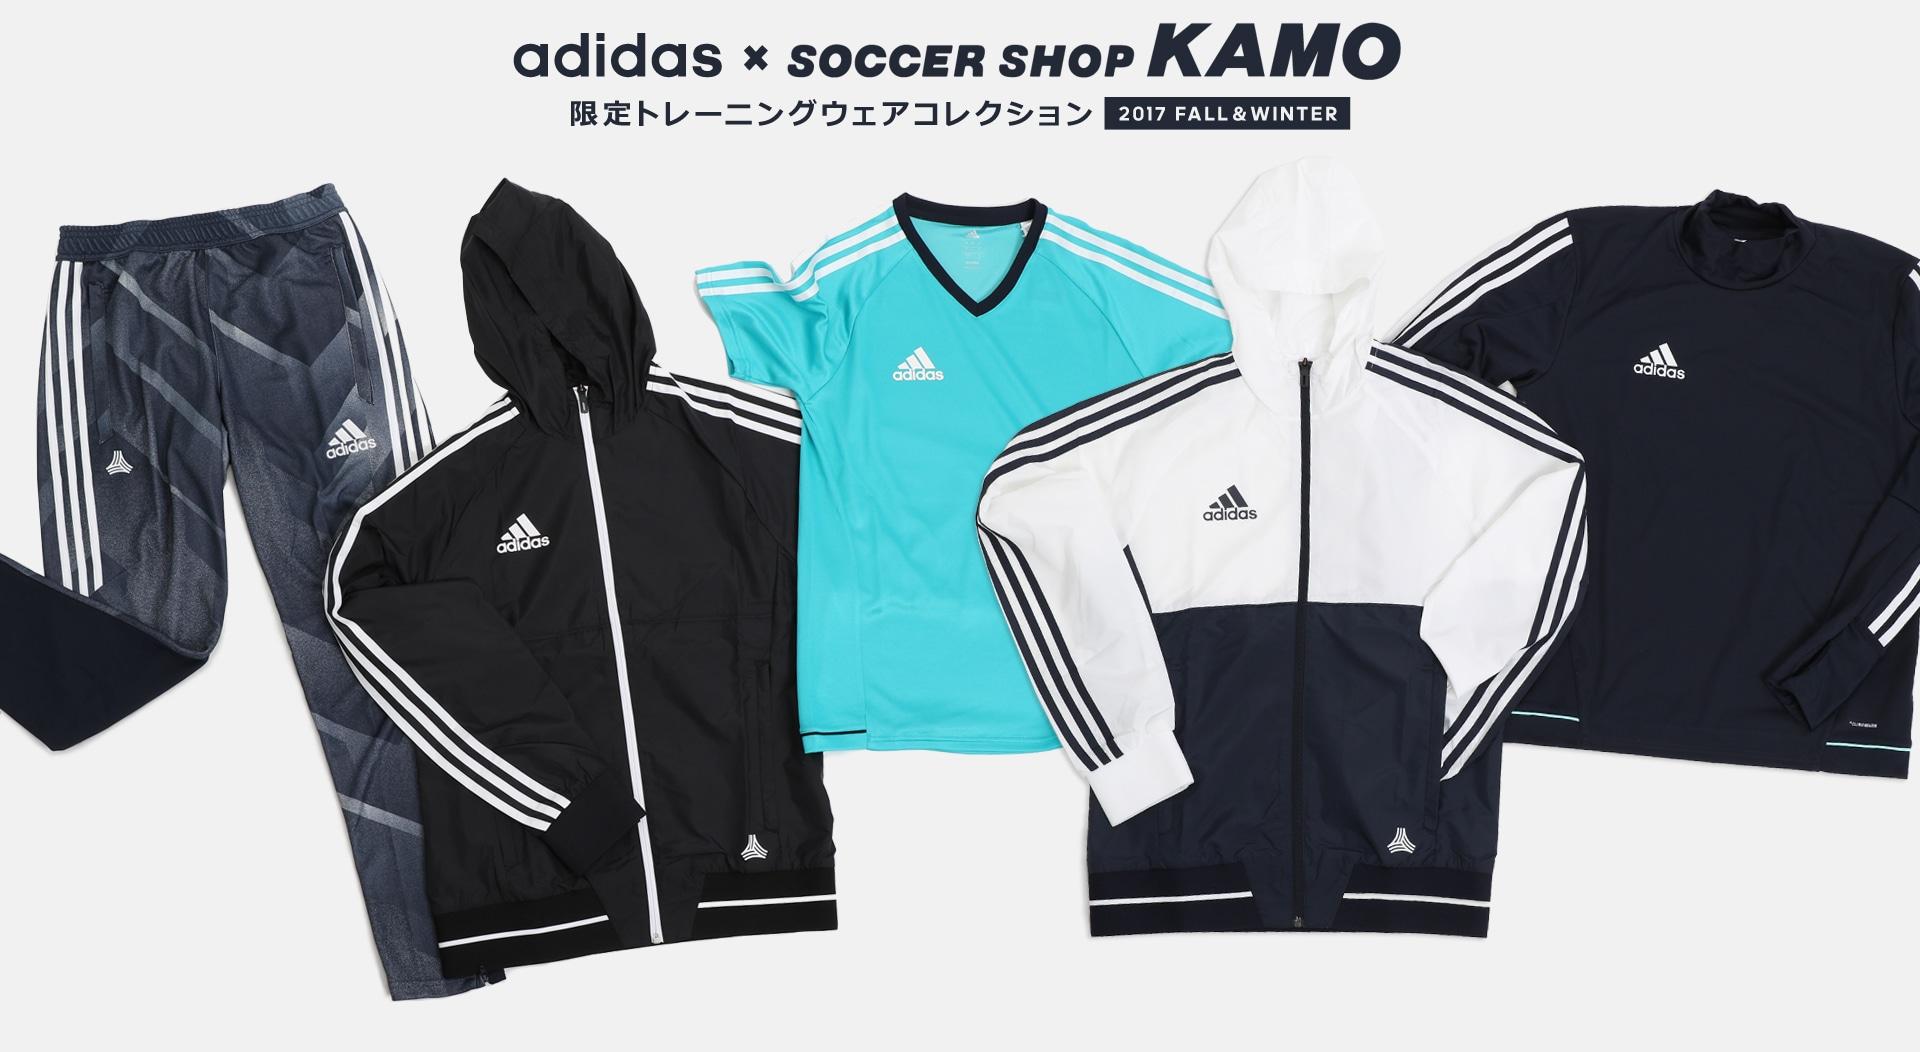 adidas×KAMO限定トレーニングウェア